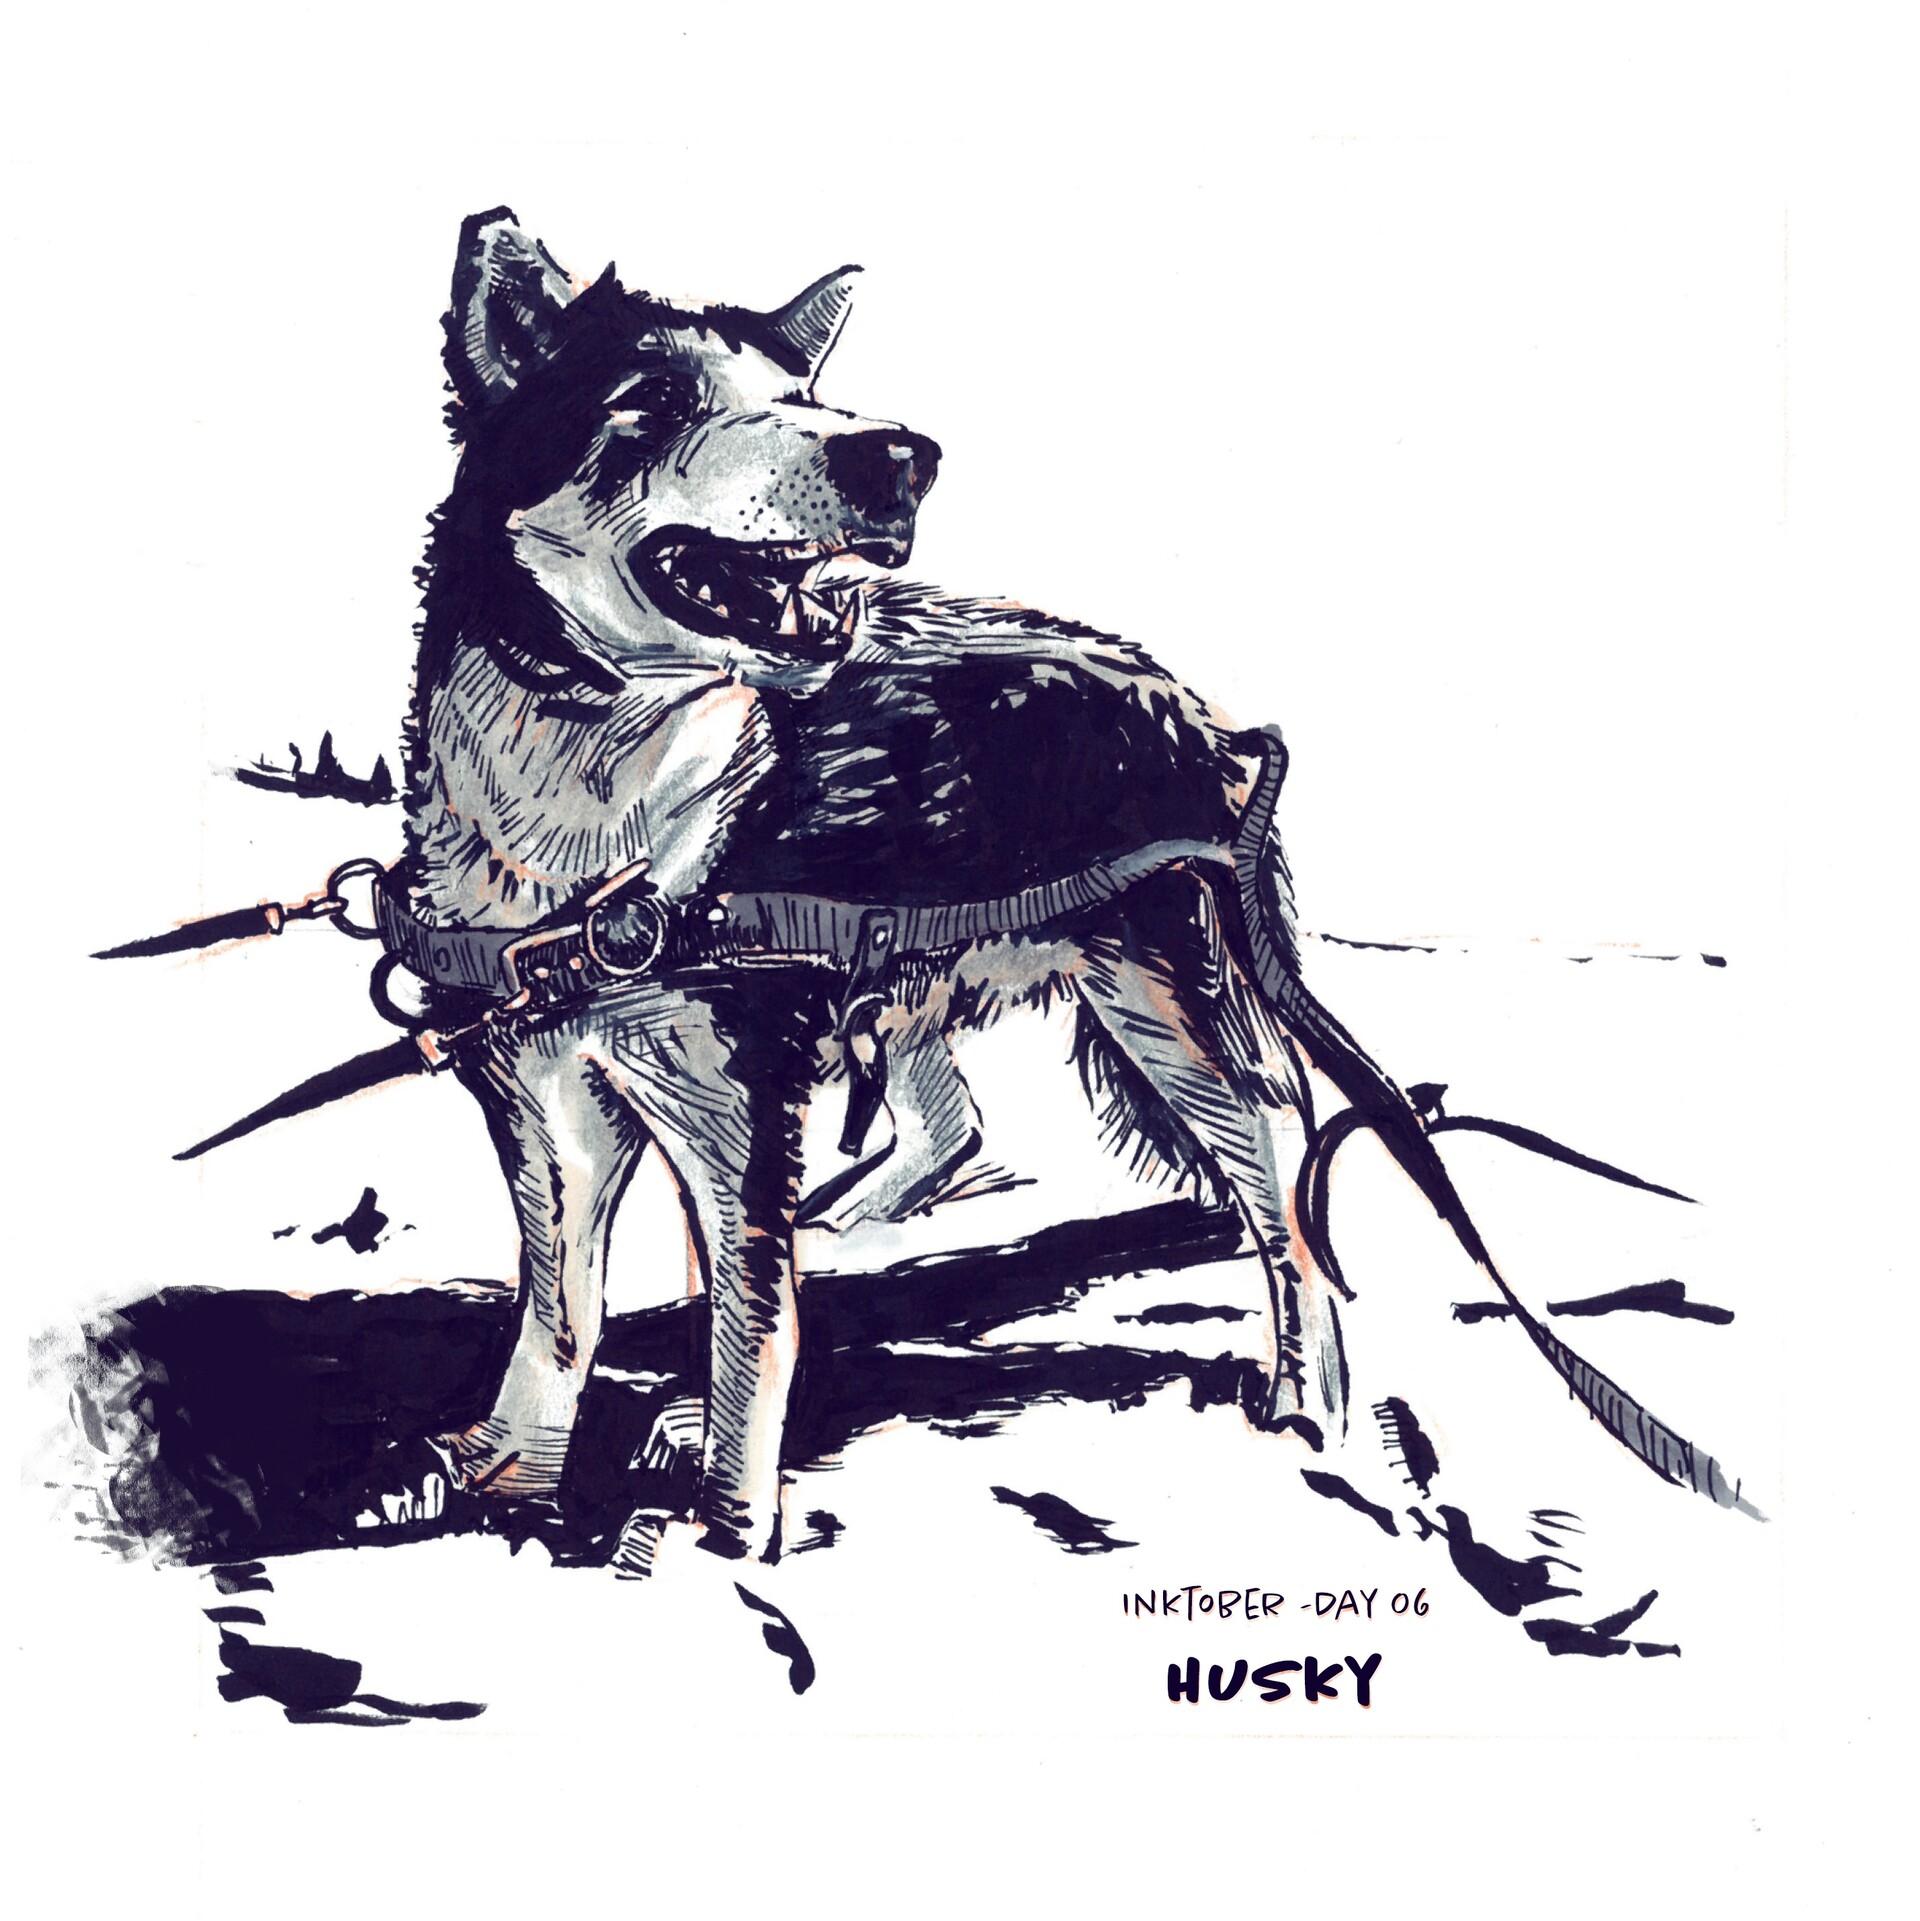 Day 06 - Husky